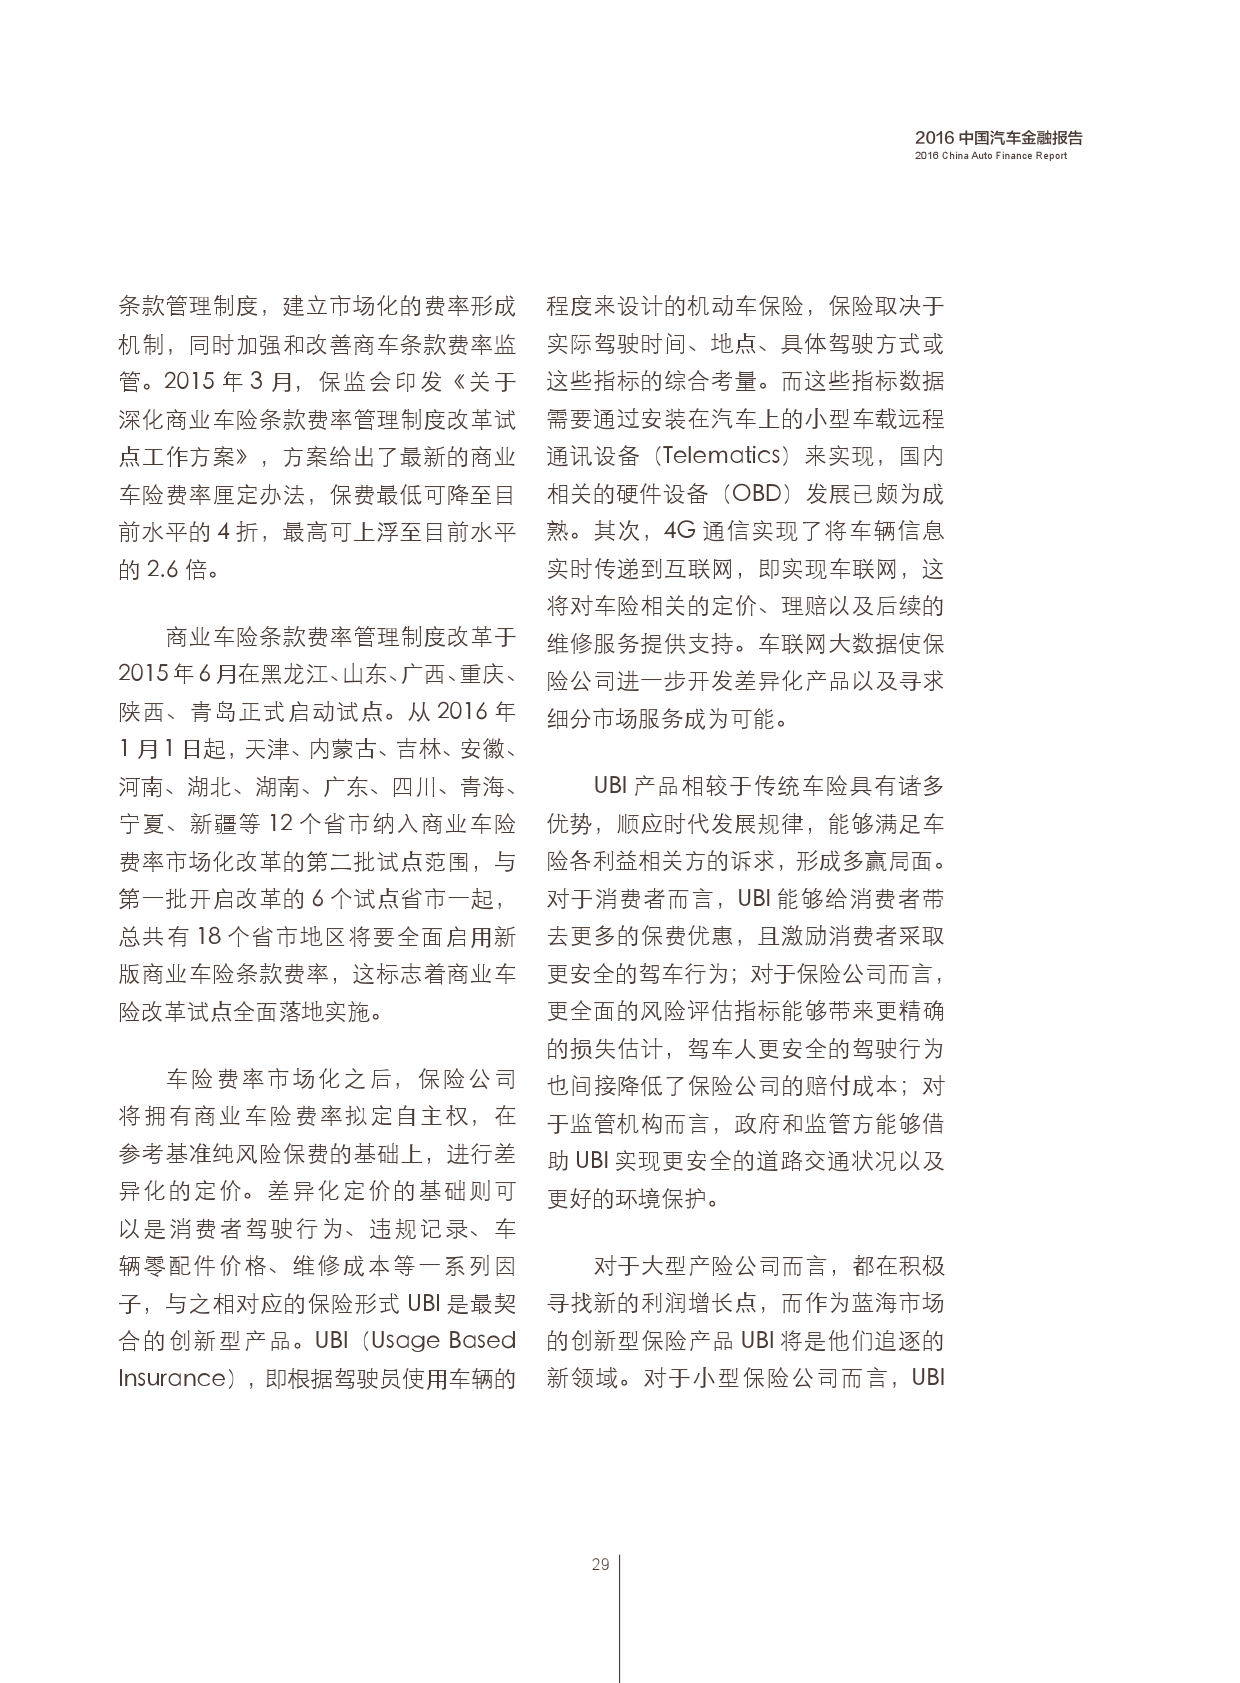 2016中国汽车金融报告_000030